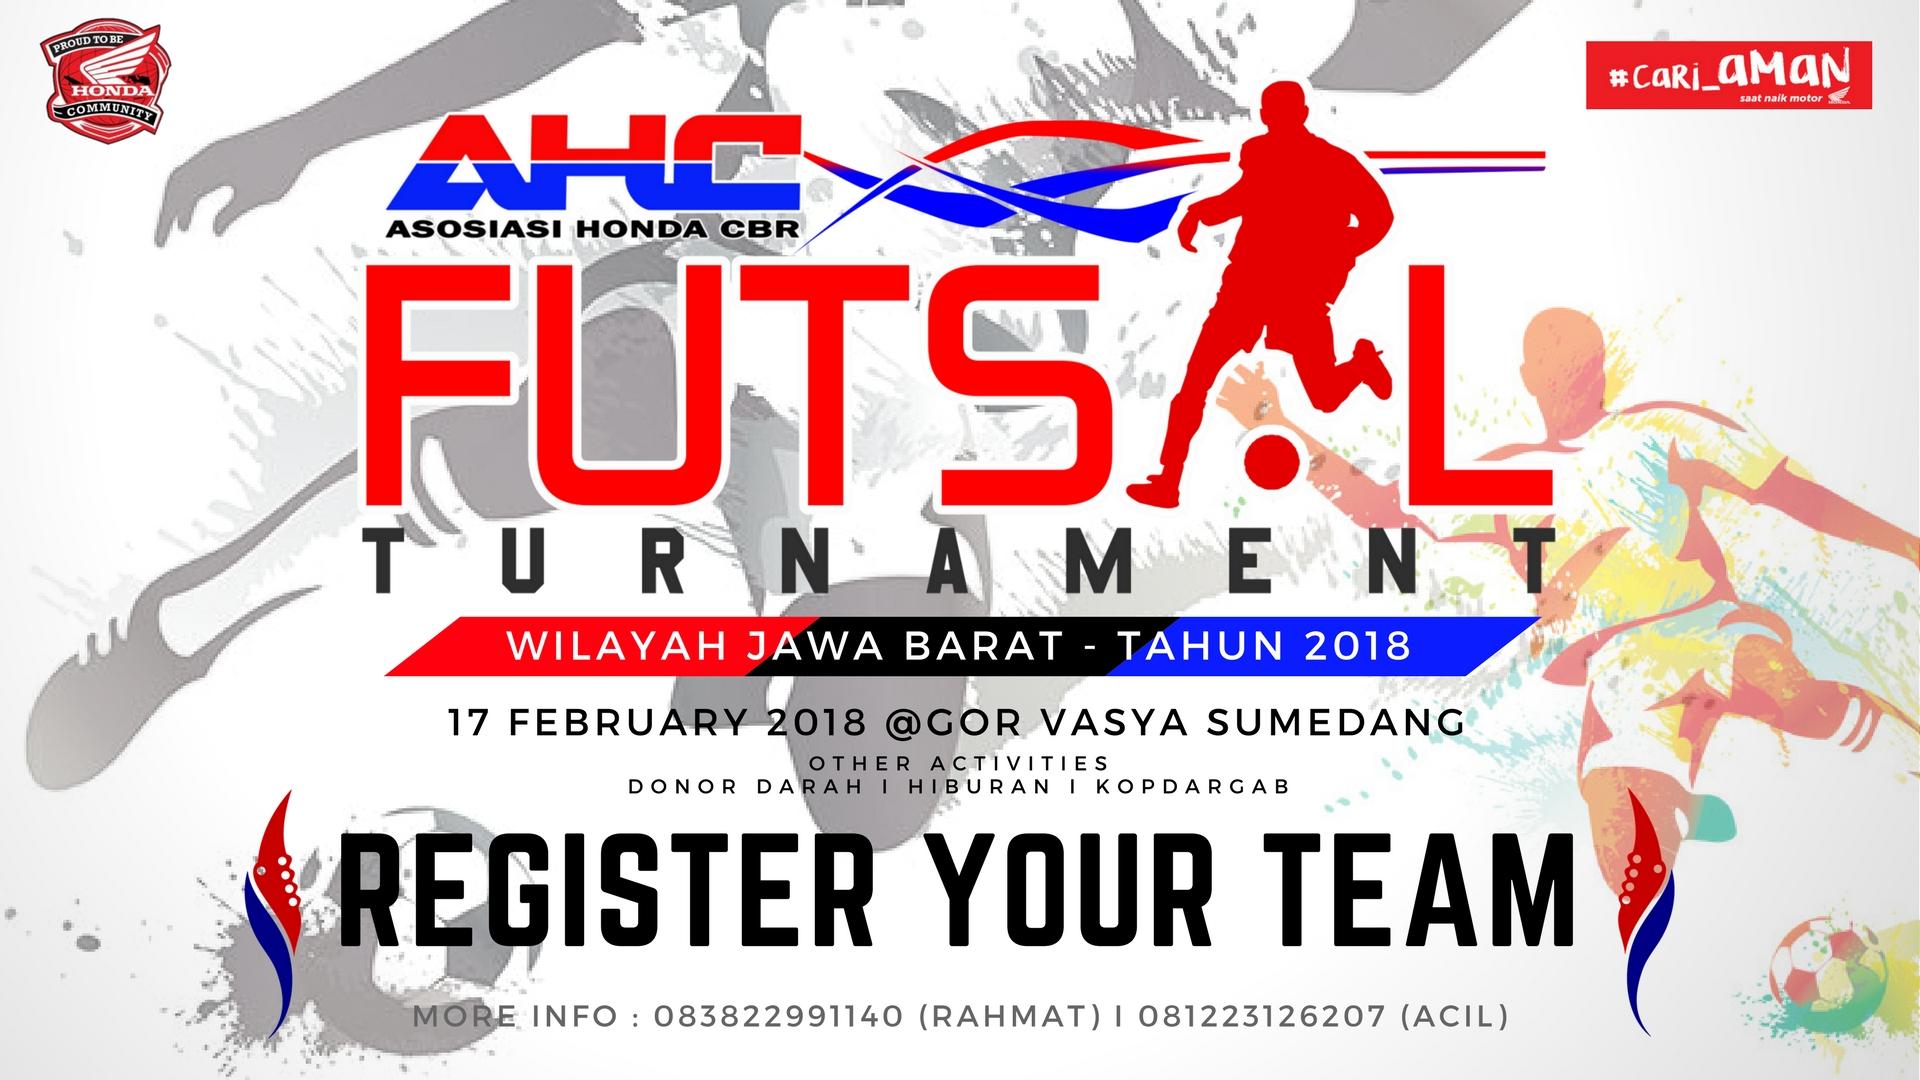 AHC Wilayah Jawa Barat Akan Mengadakan Futsal Tournamen